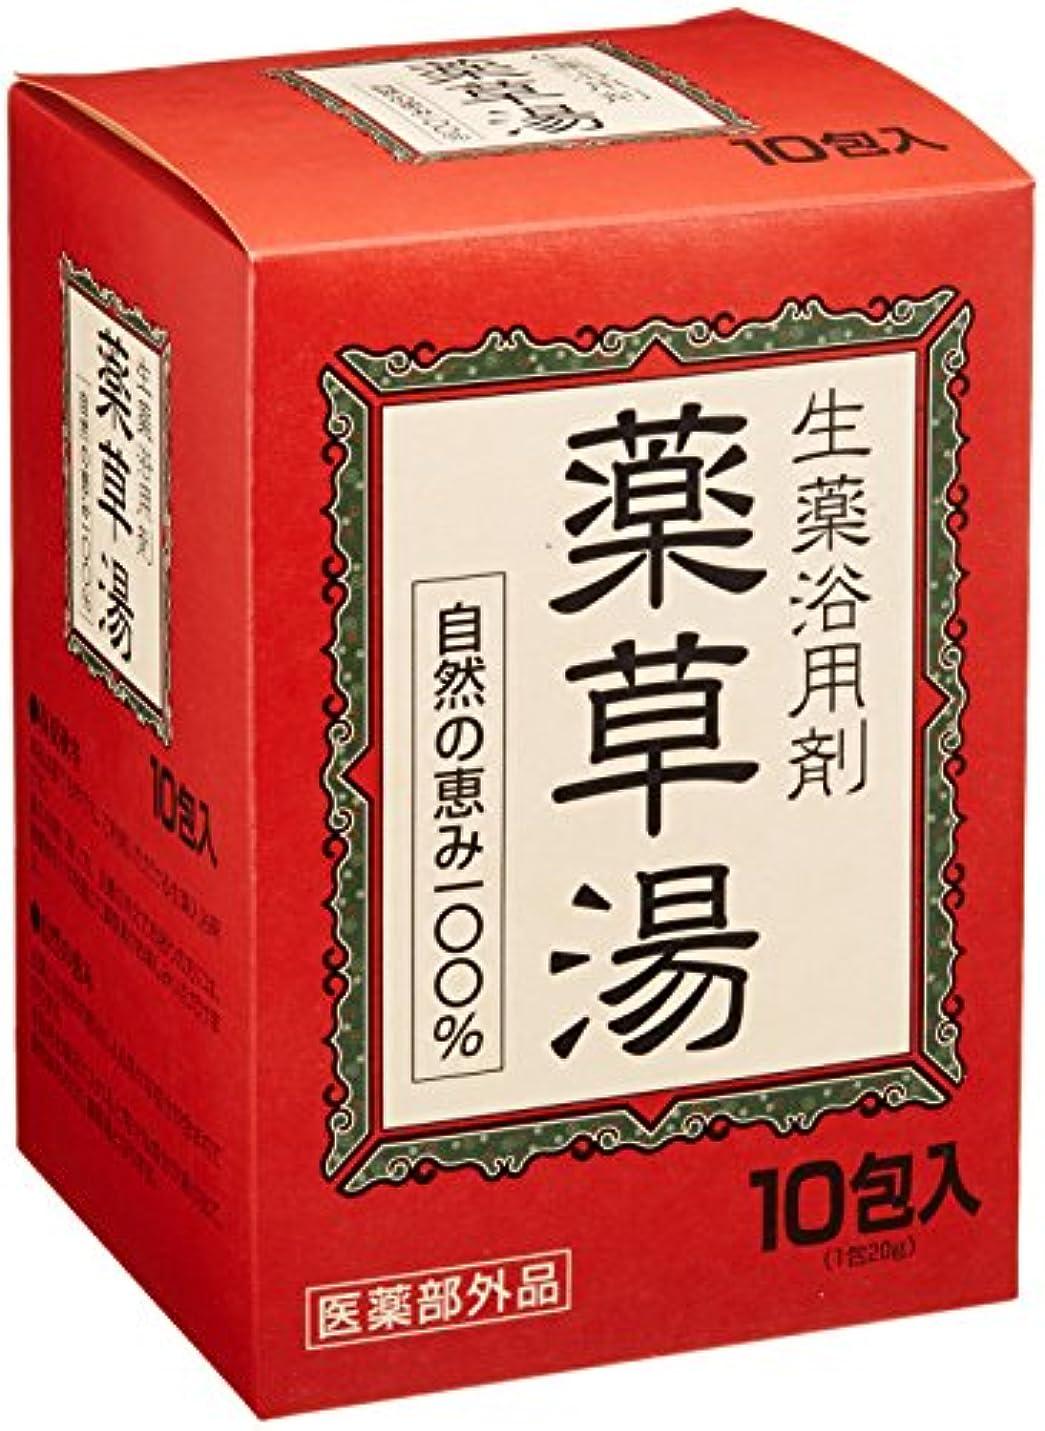 サスペンドの闘争生薬浴用剤 薬草湯 10包